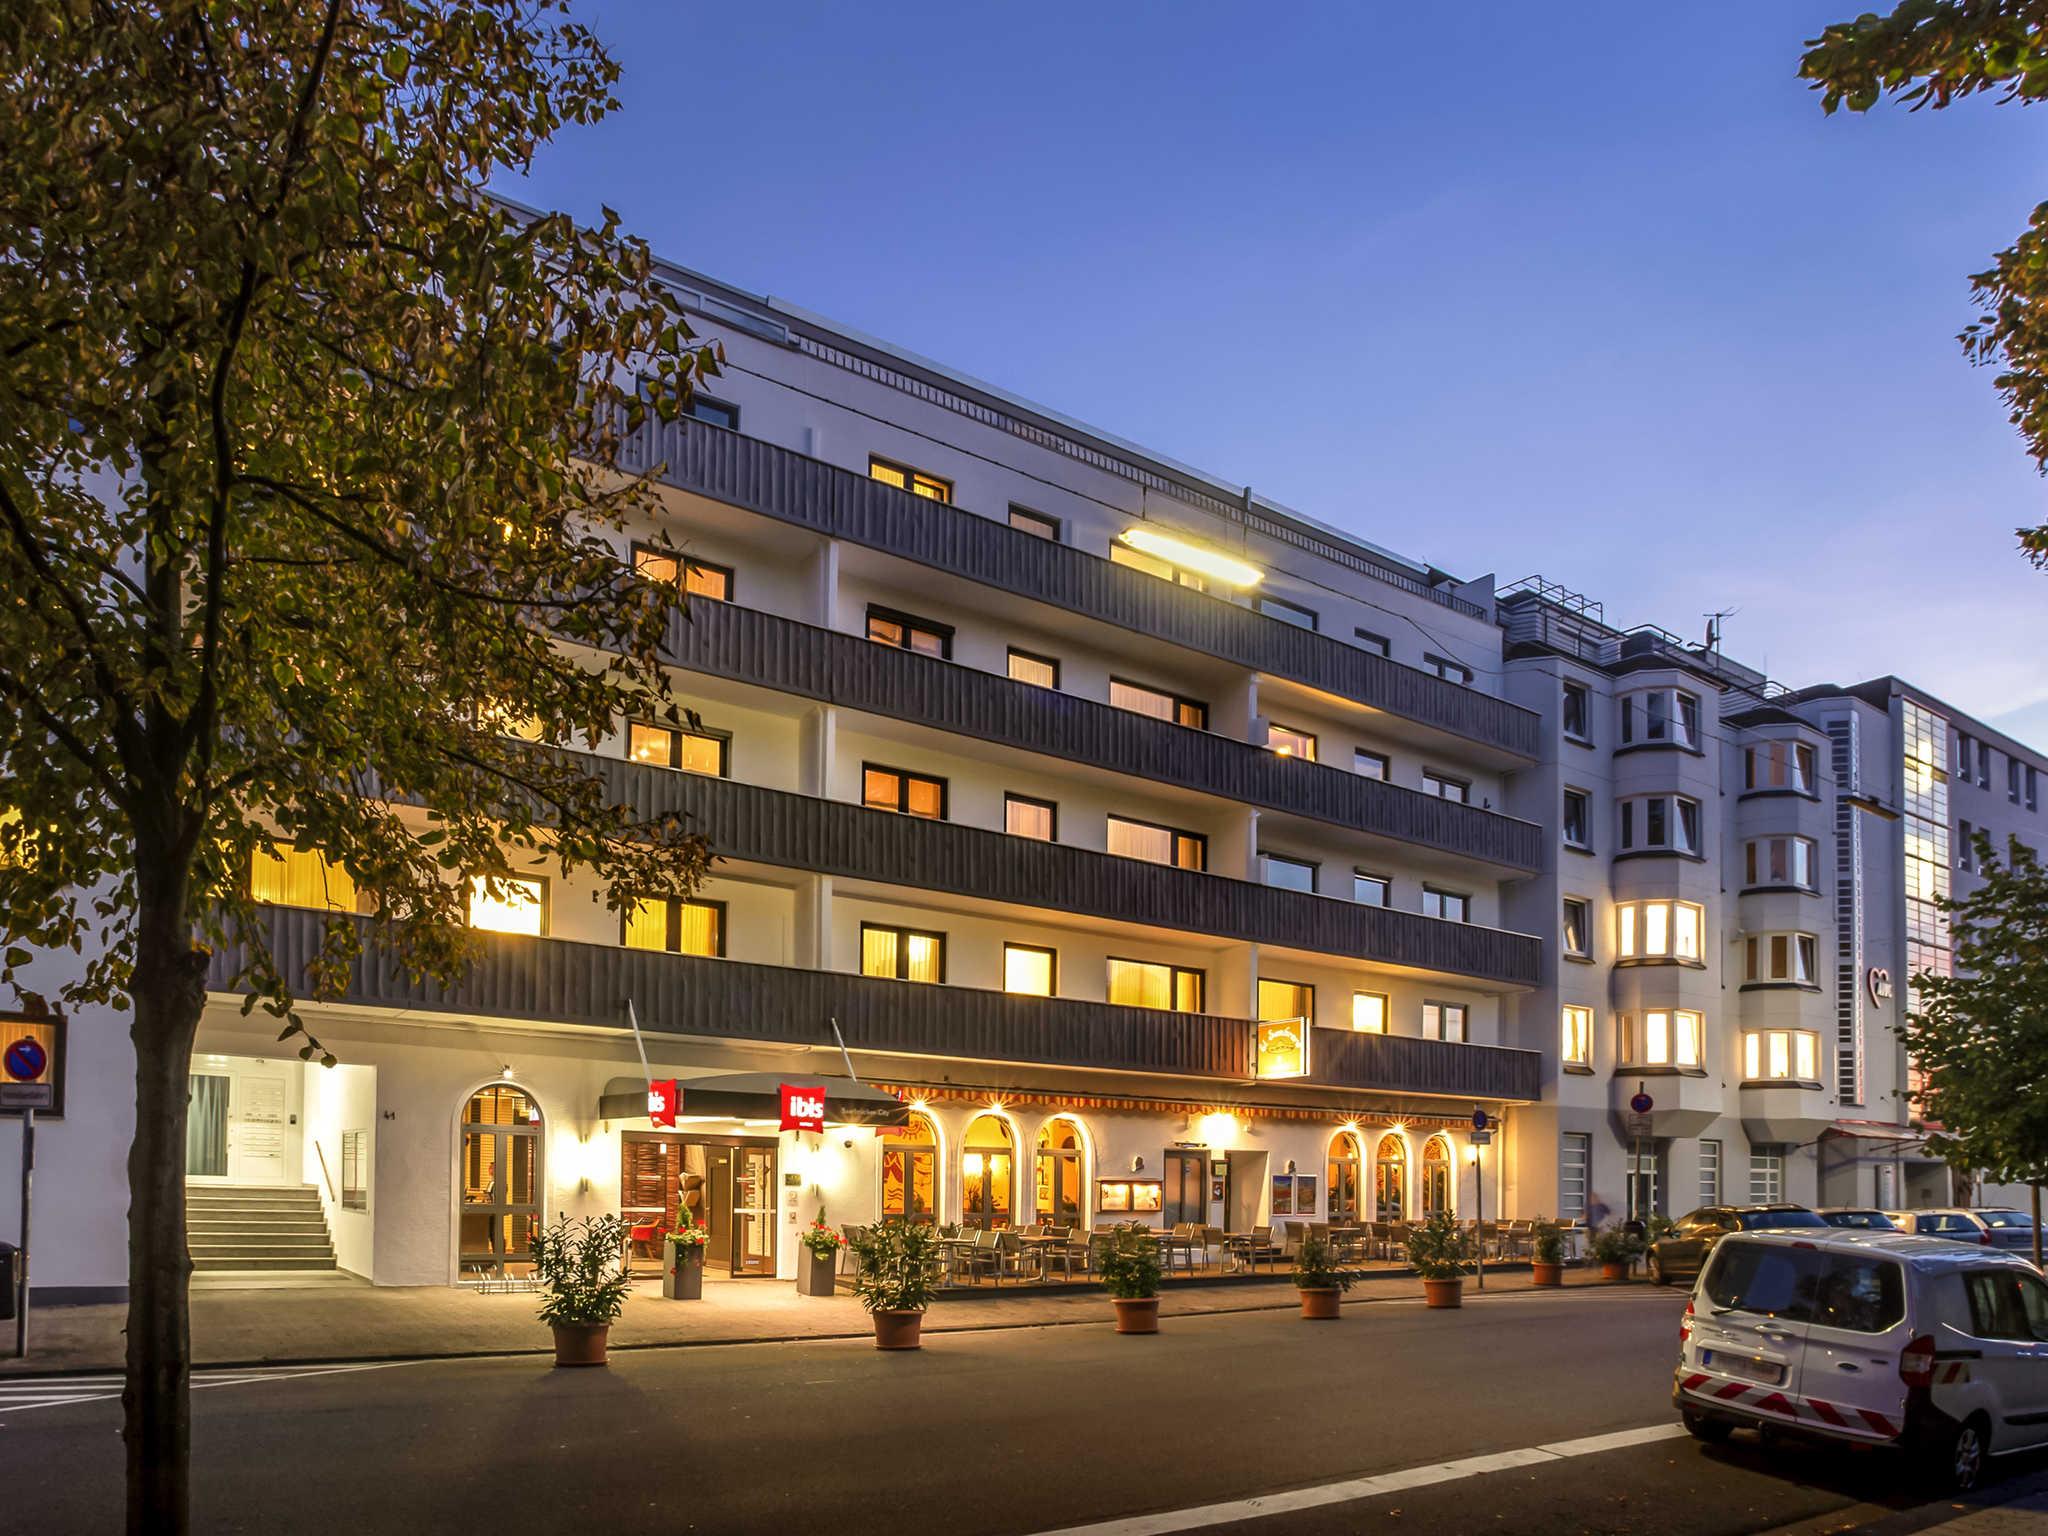 酒店 – 宜必思萨尔布吕肯酒店